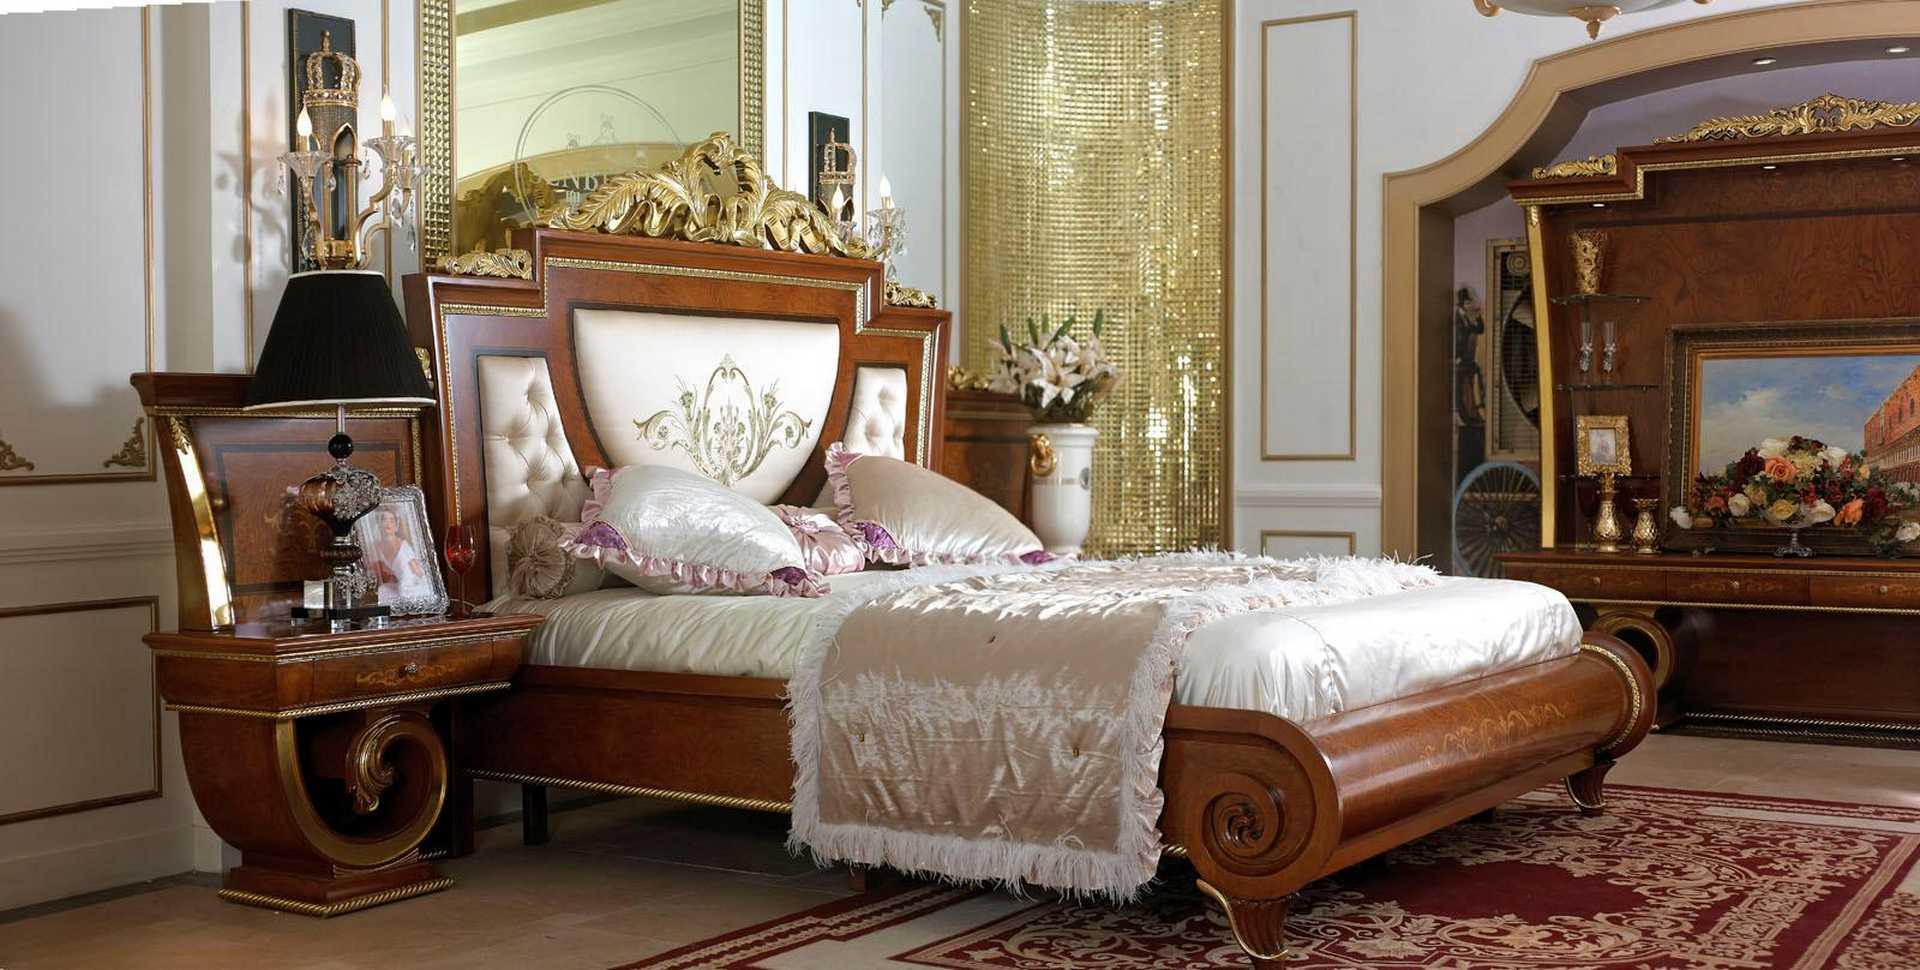 ديكورات غرف نوم فخمة غرف نوم روعه فخامة الكلاسيك بطابع